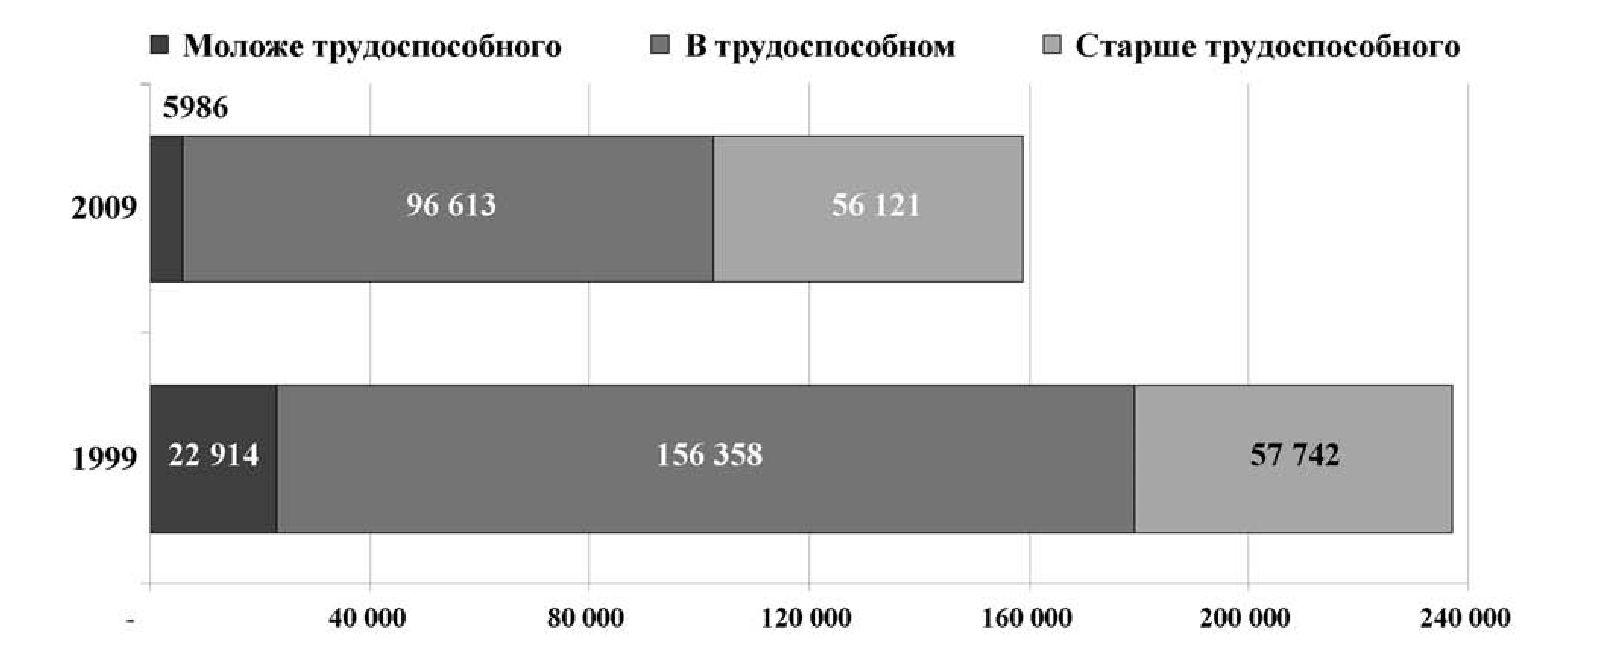 Рис. 3 а. Распределение украинцев по возрасту (тыс. чел.) (2009)